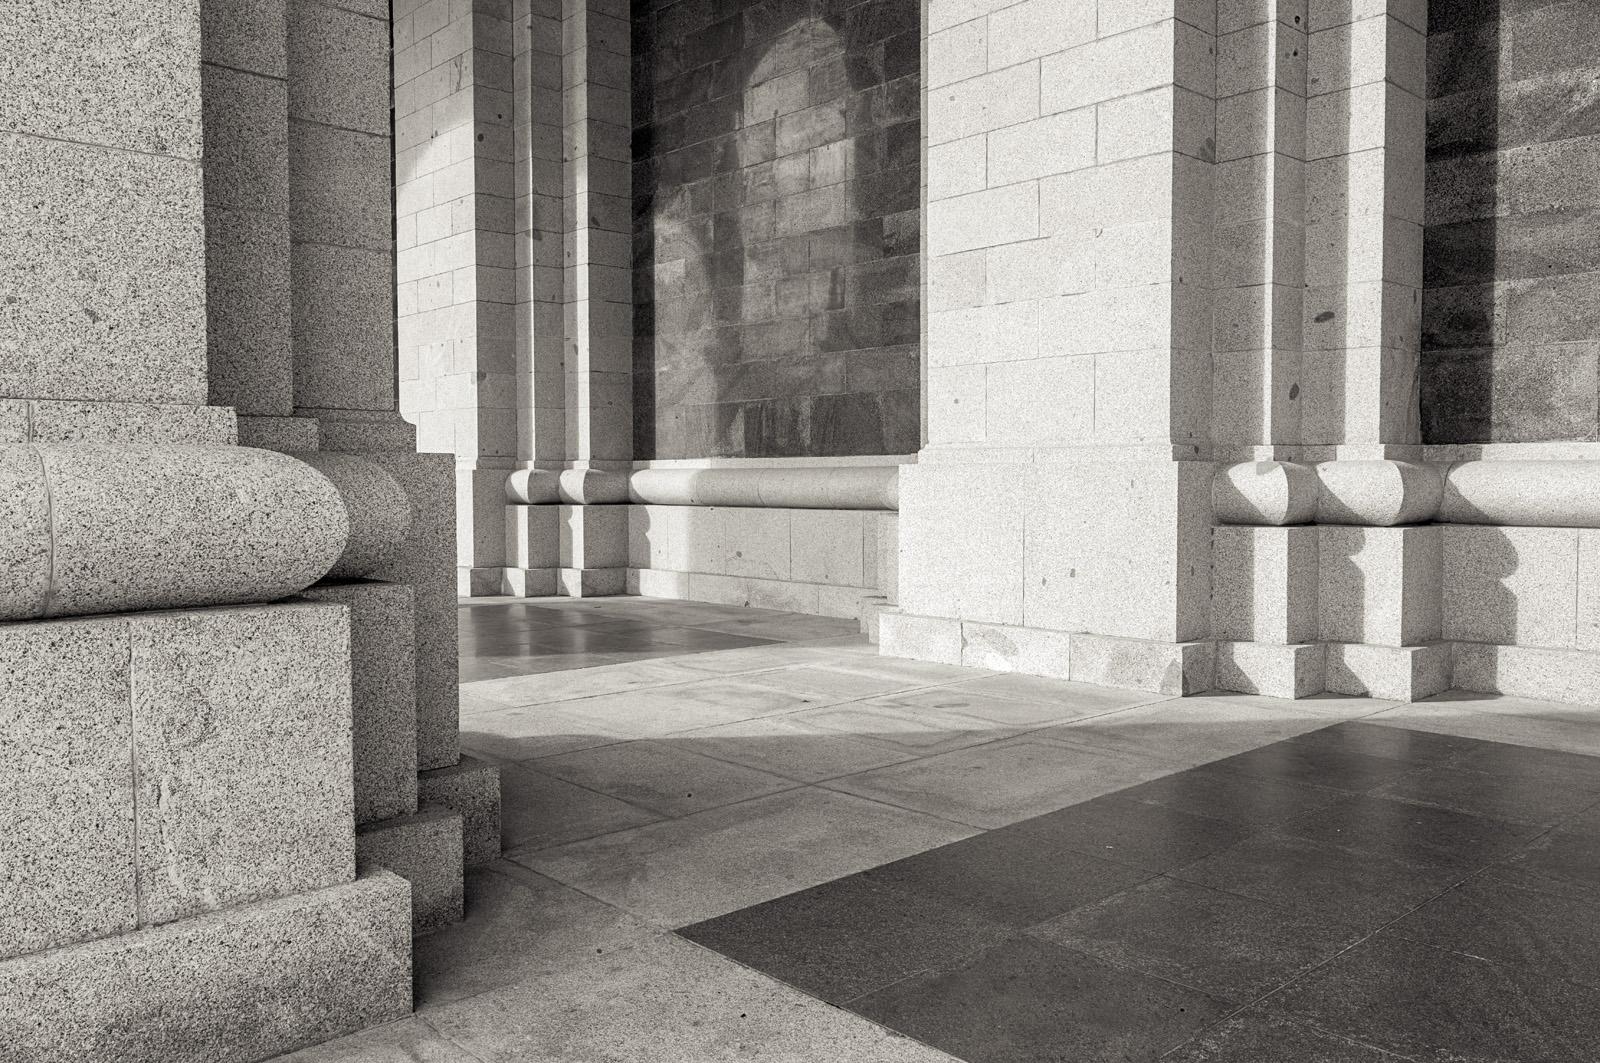 estudio 2602. Valle de los Caidos. 2014 - museos y galerias.-museums and galleries- - senén merino, photograph